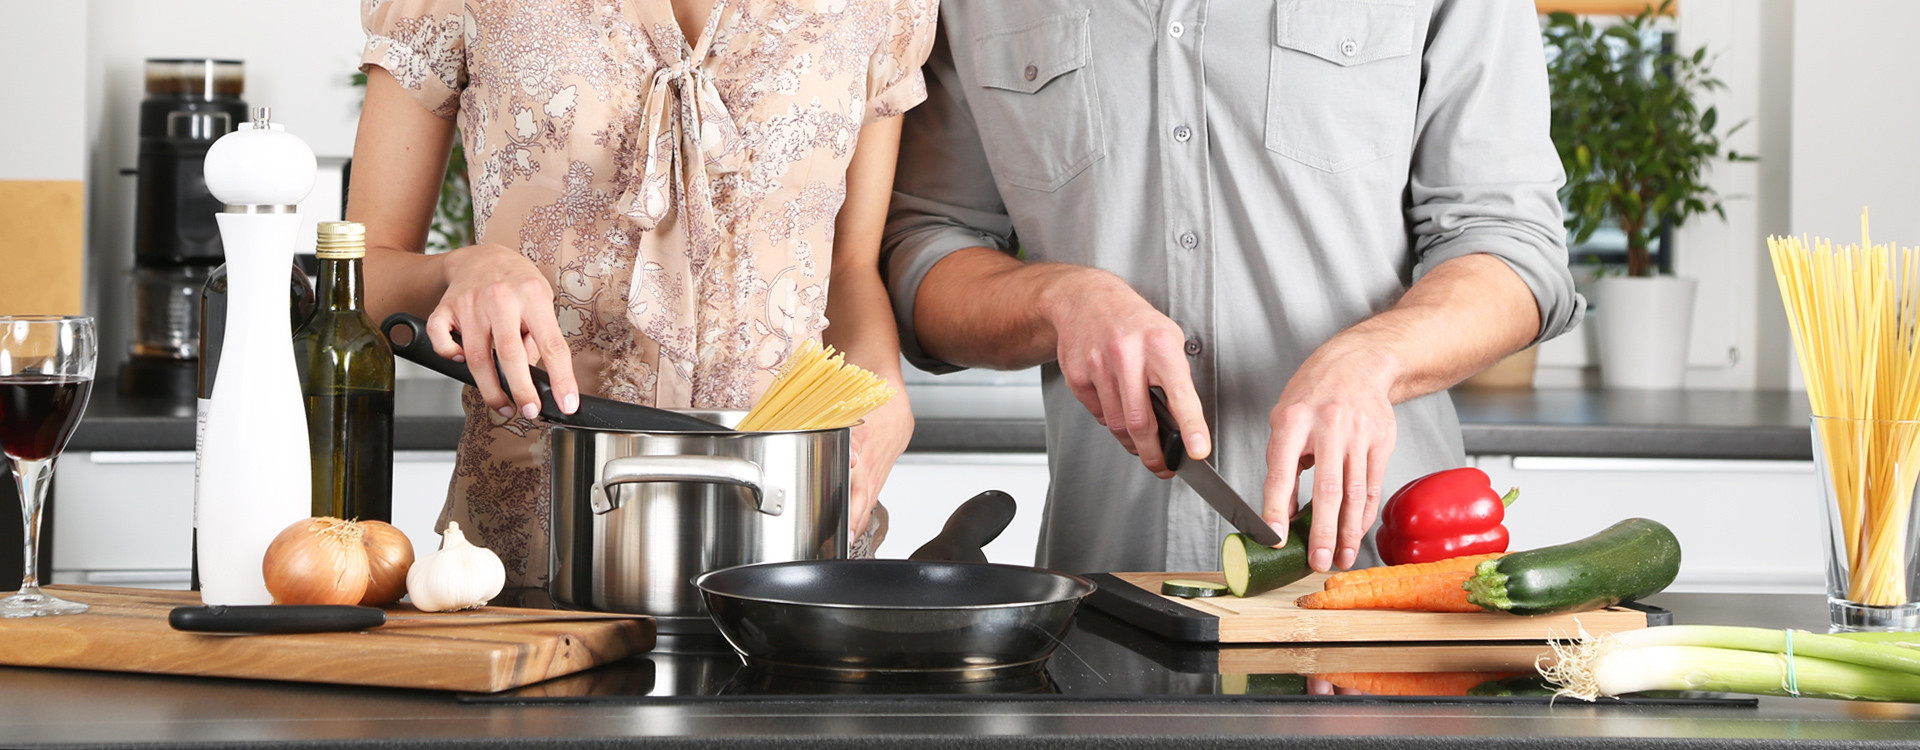 Przepisy do gotowania na parze